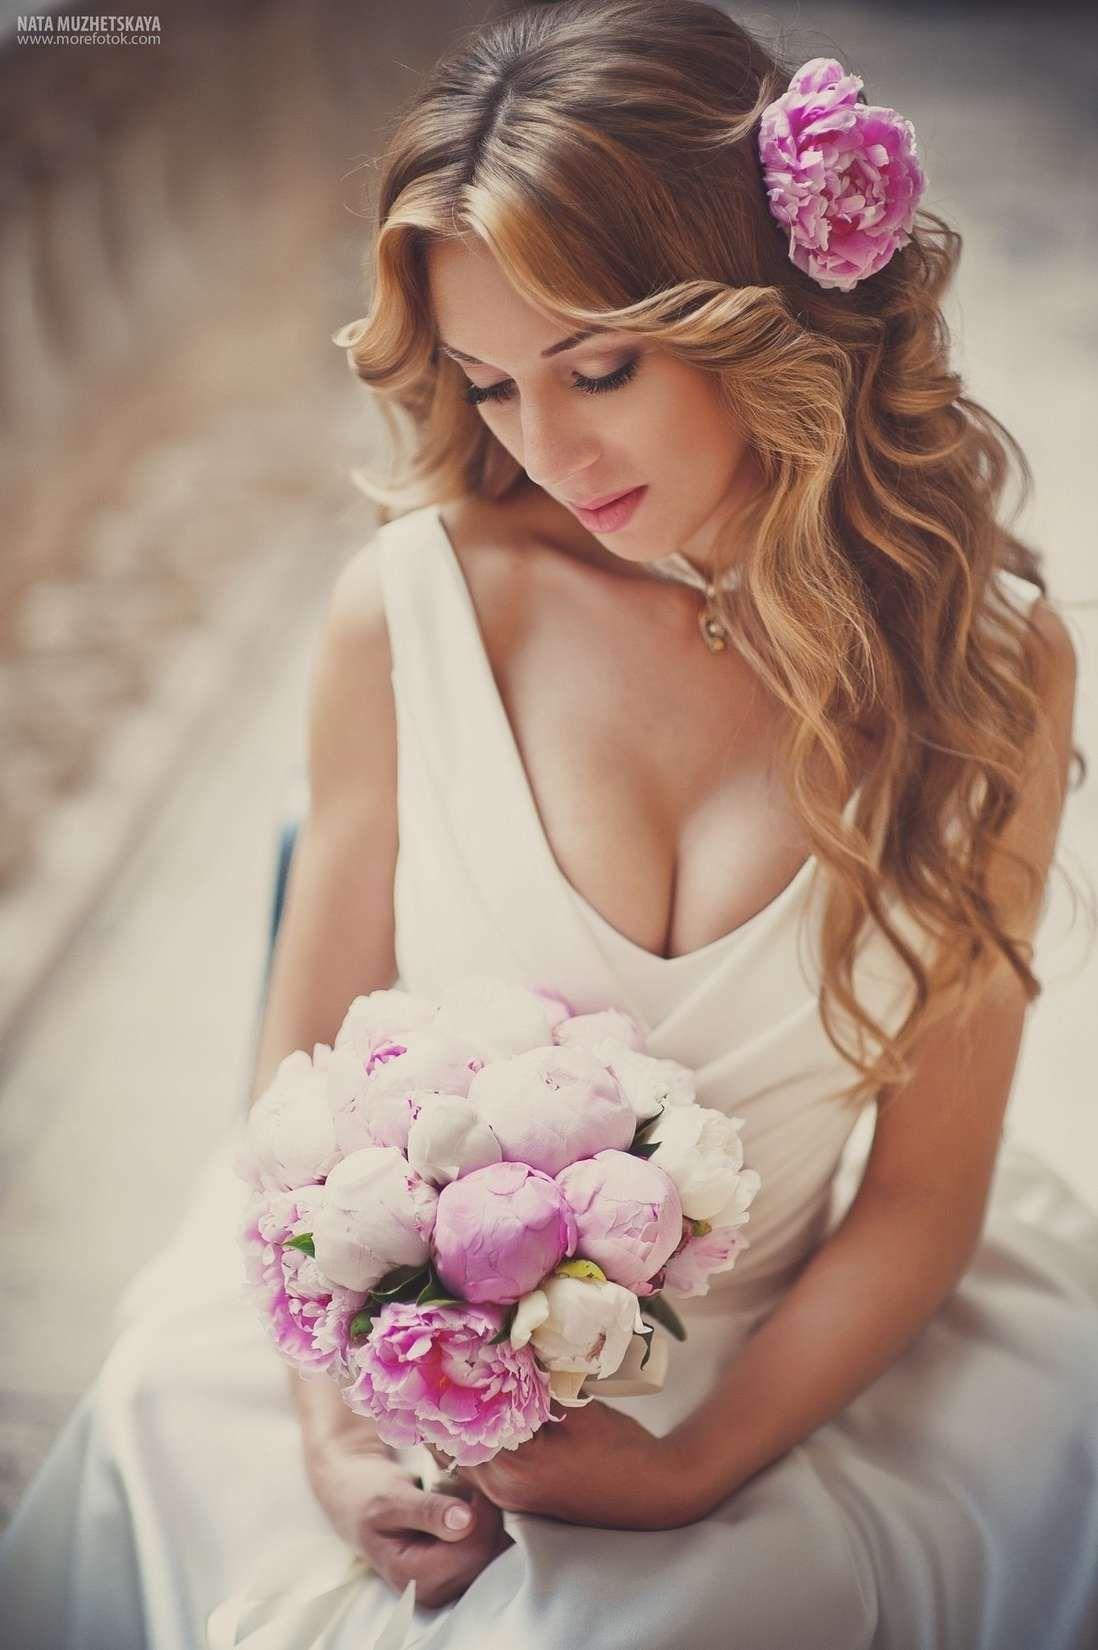 Свадебные платья фото   Nevesta.info   Свадьба, Свадебный ...